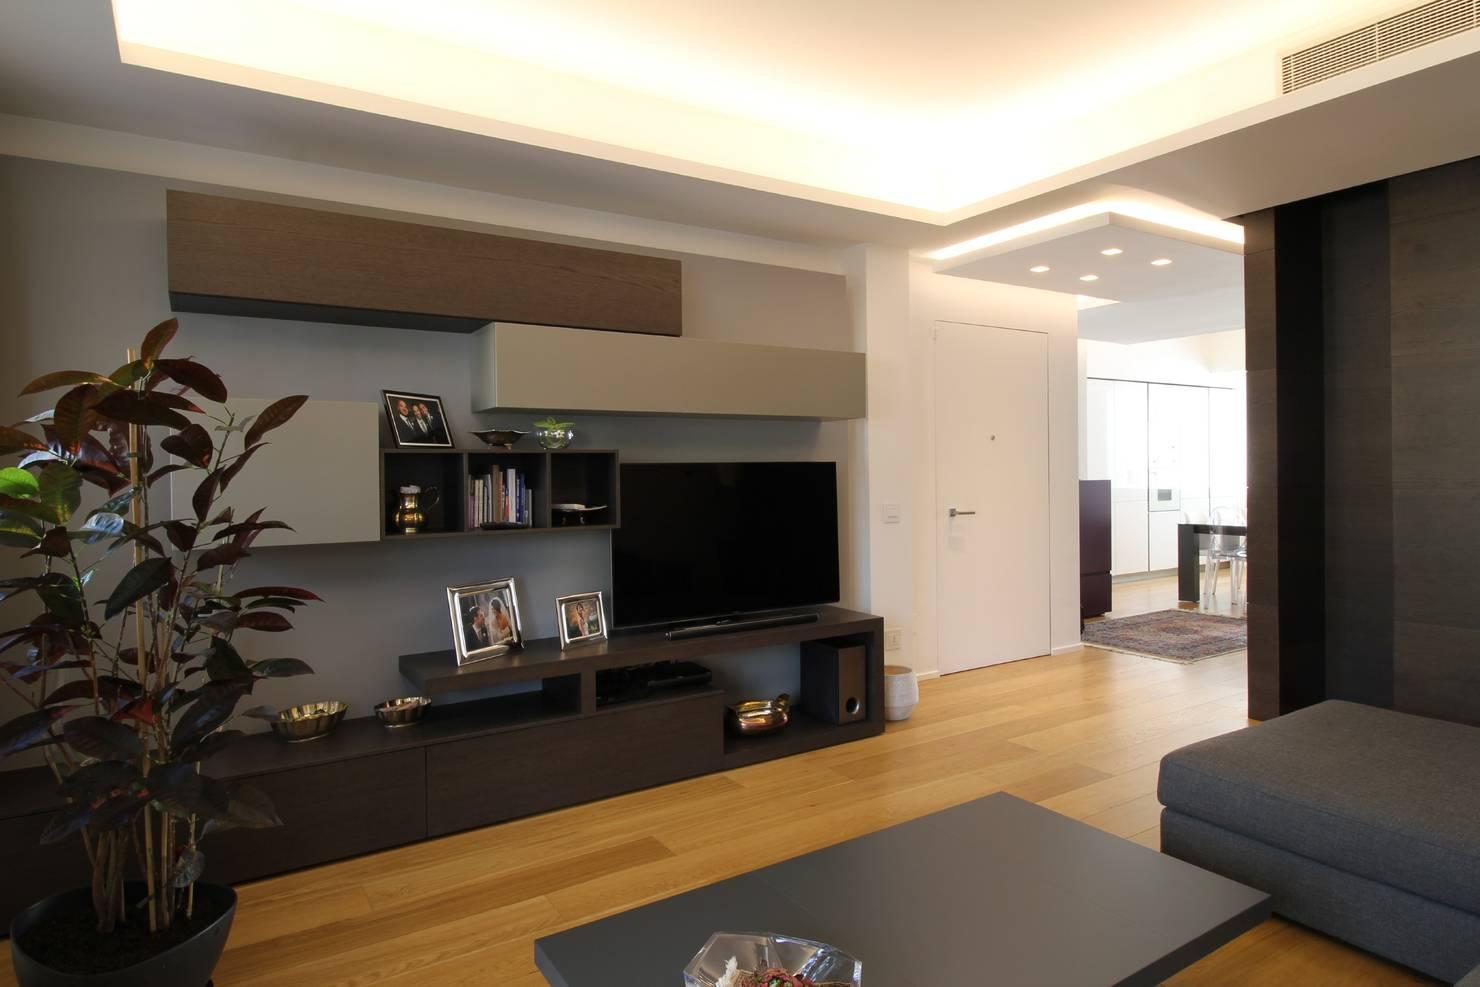 Un Appartamento Moderno Fantastico di 120 m² (Palermo)